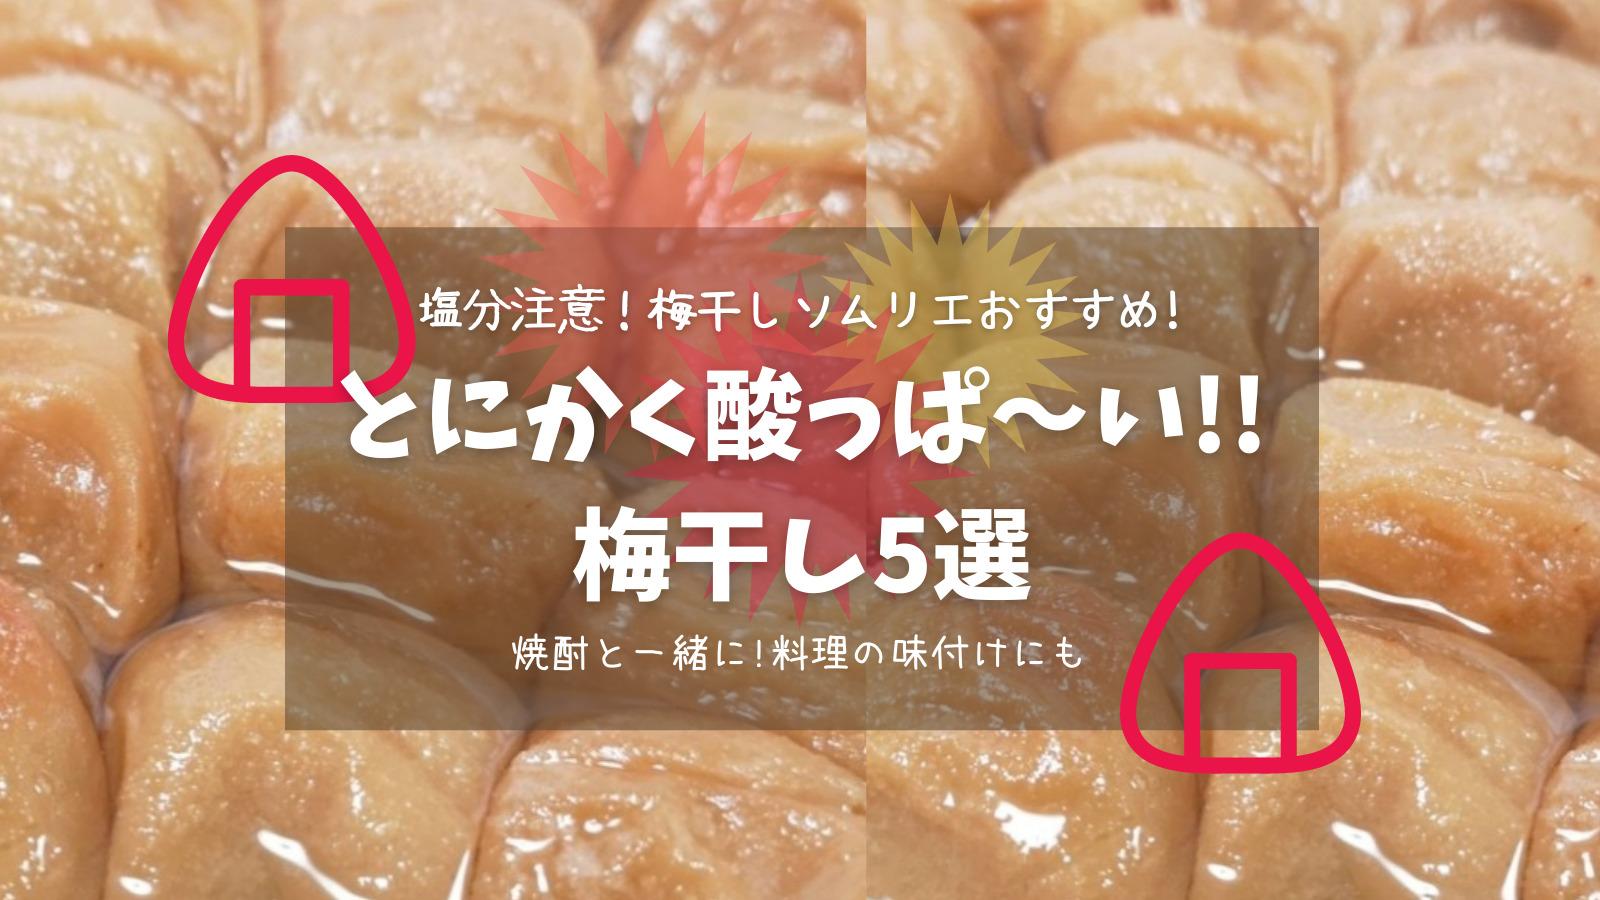 【塩分注意!】梅干しソムリエおすすめ!とにかく酸っぱい梅干し5選